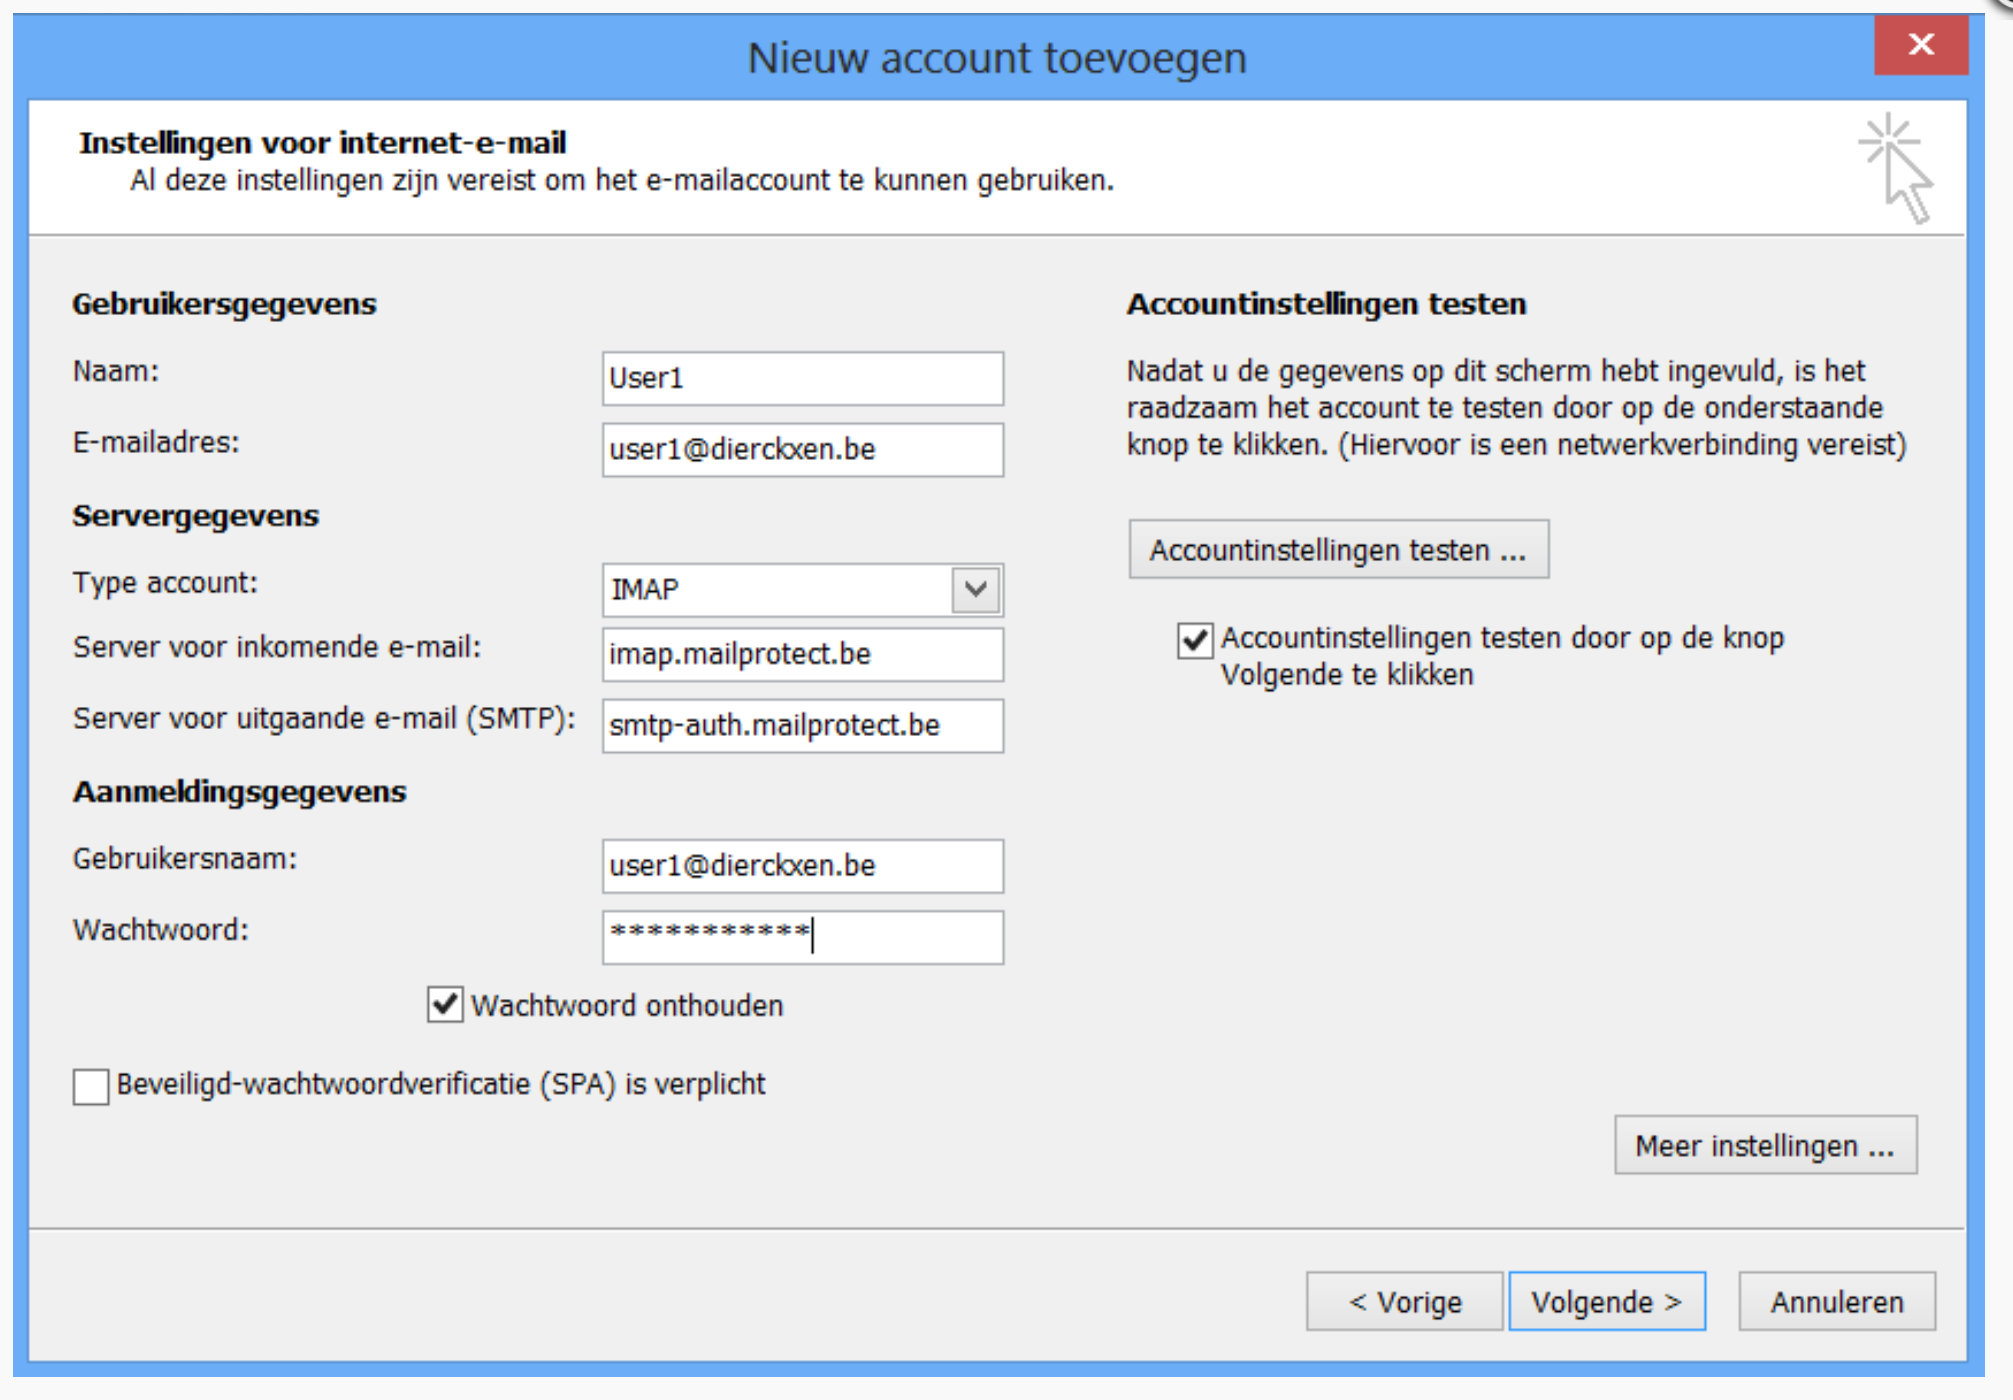 Kies voor IMAP of POP3 in het uitklapmenu en vul de ontbrekende gegevens in